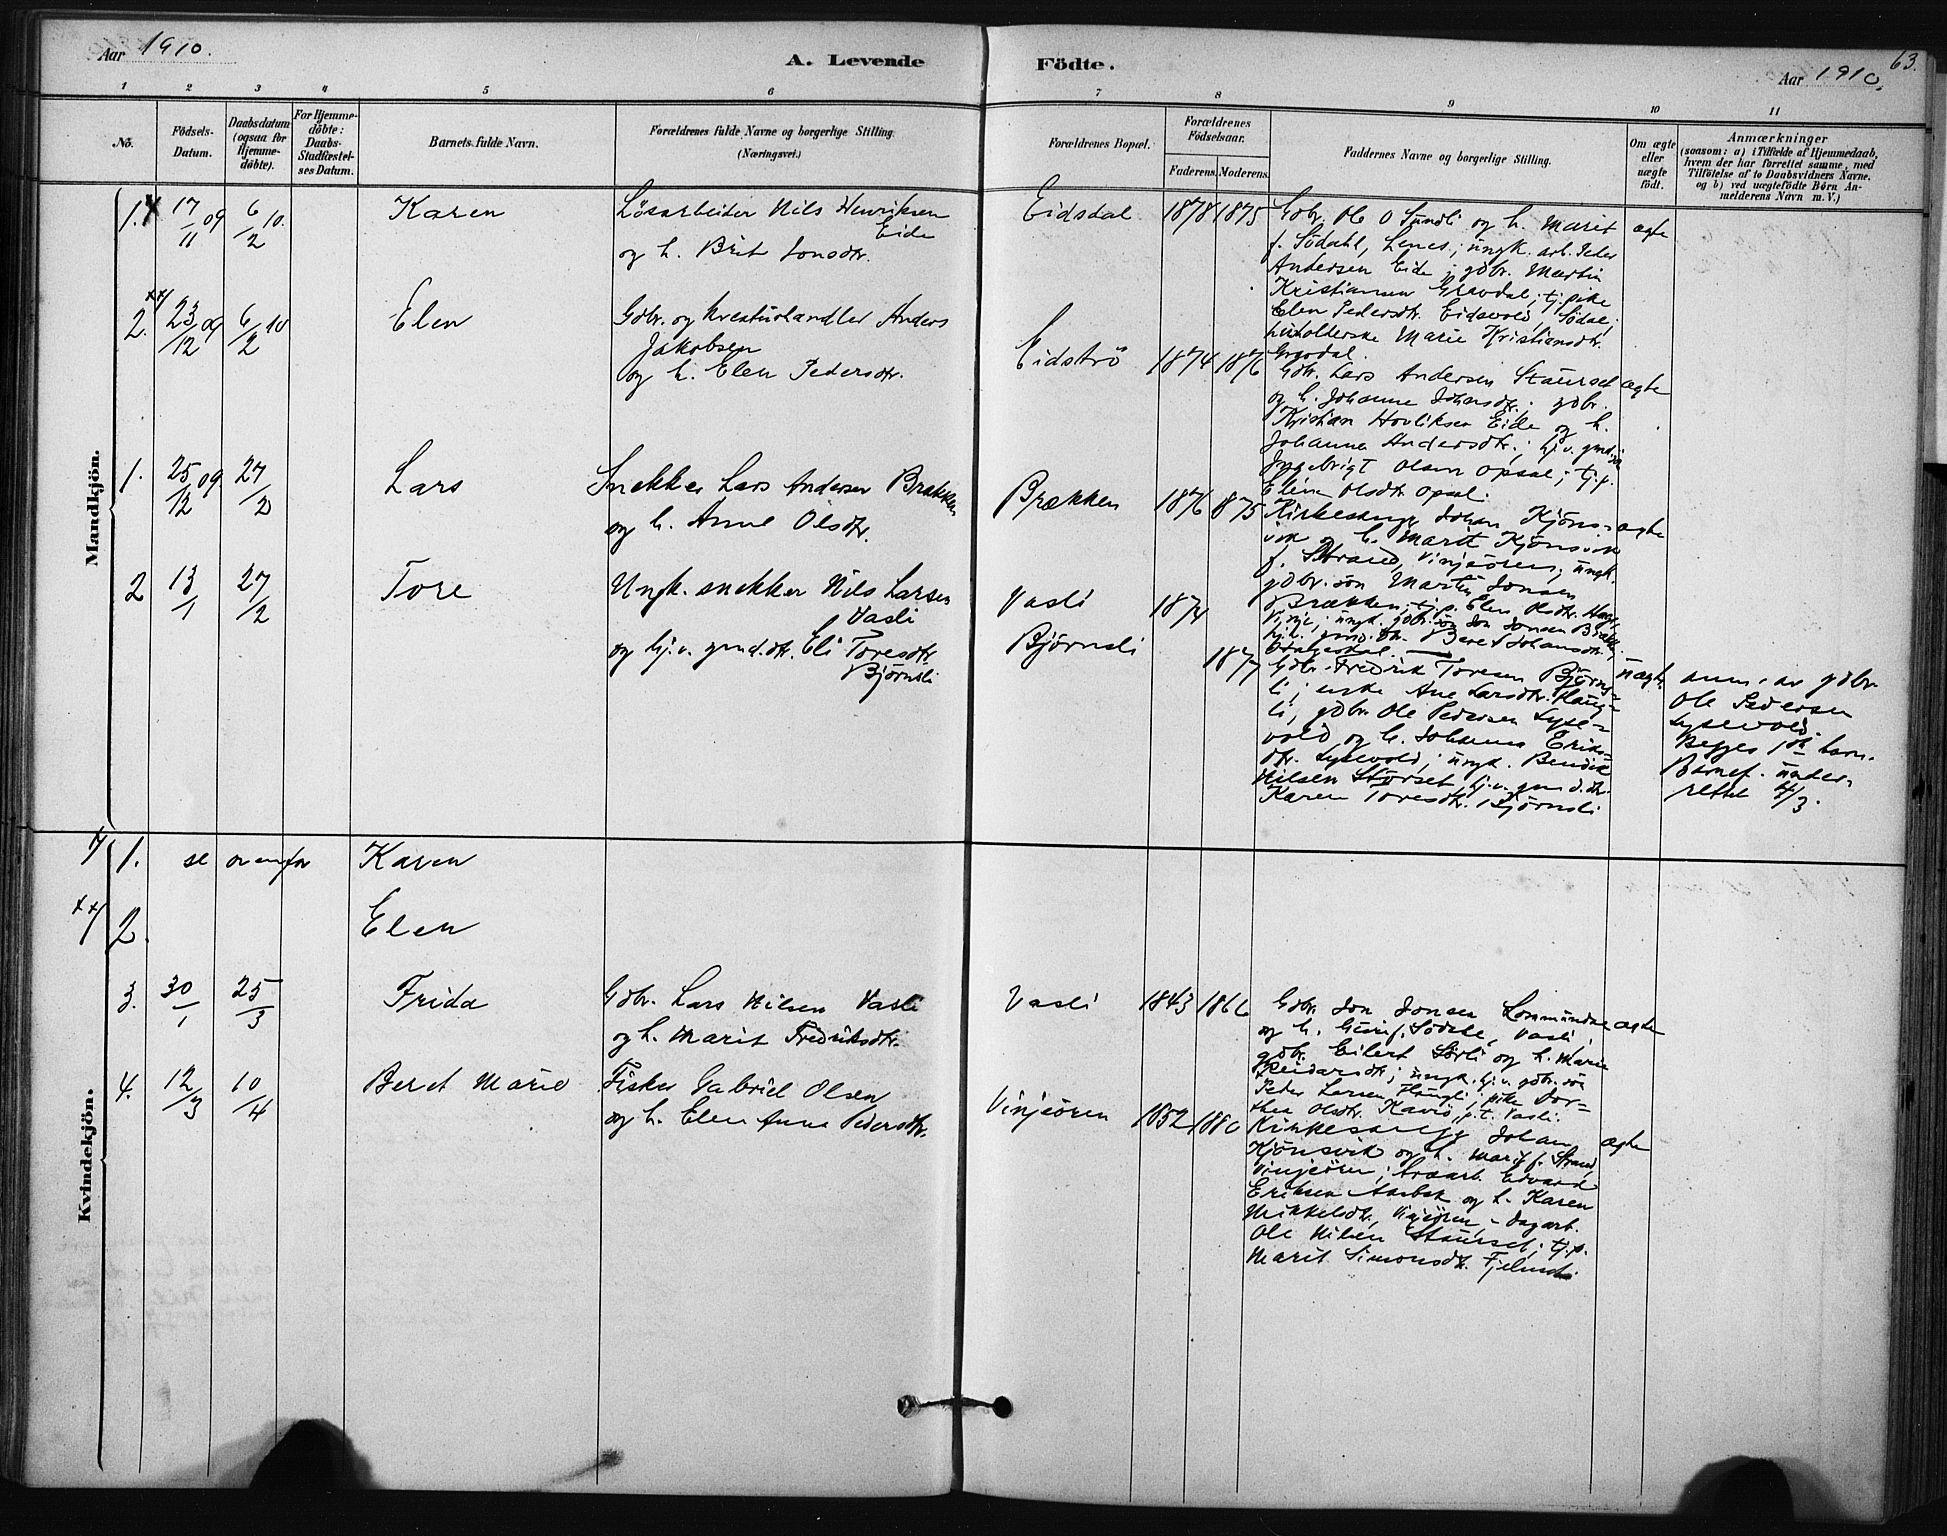 SAT, Ministerialprotokoller, klokkerbøker og fødselsregistre - Sør-Trøndelag, 631/L0512: Ministerialbok nr. 631A01, 1879-1912, s. 63